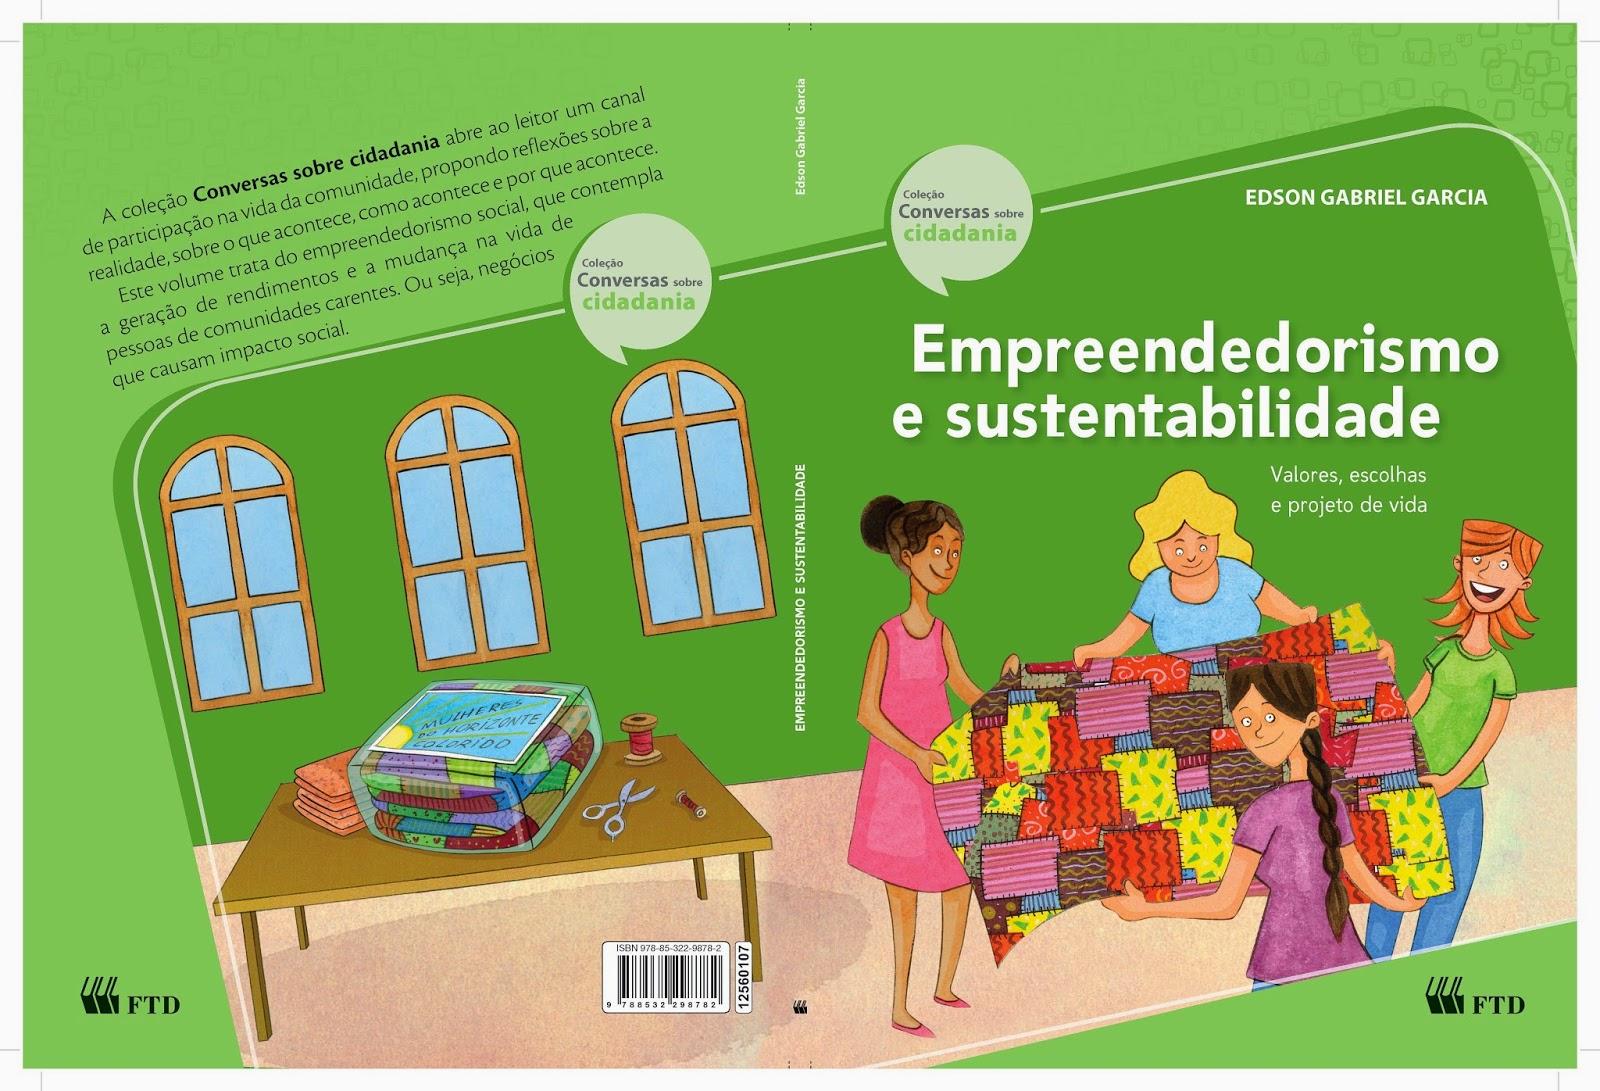 PodCultura - Portal de Notícias: A Editora FTD lançou 39